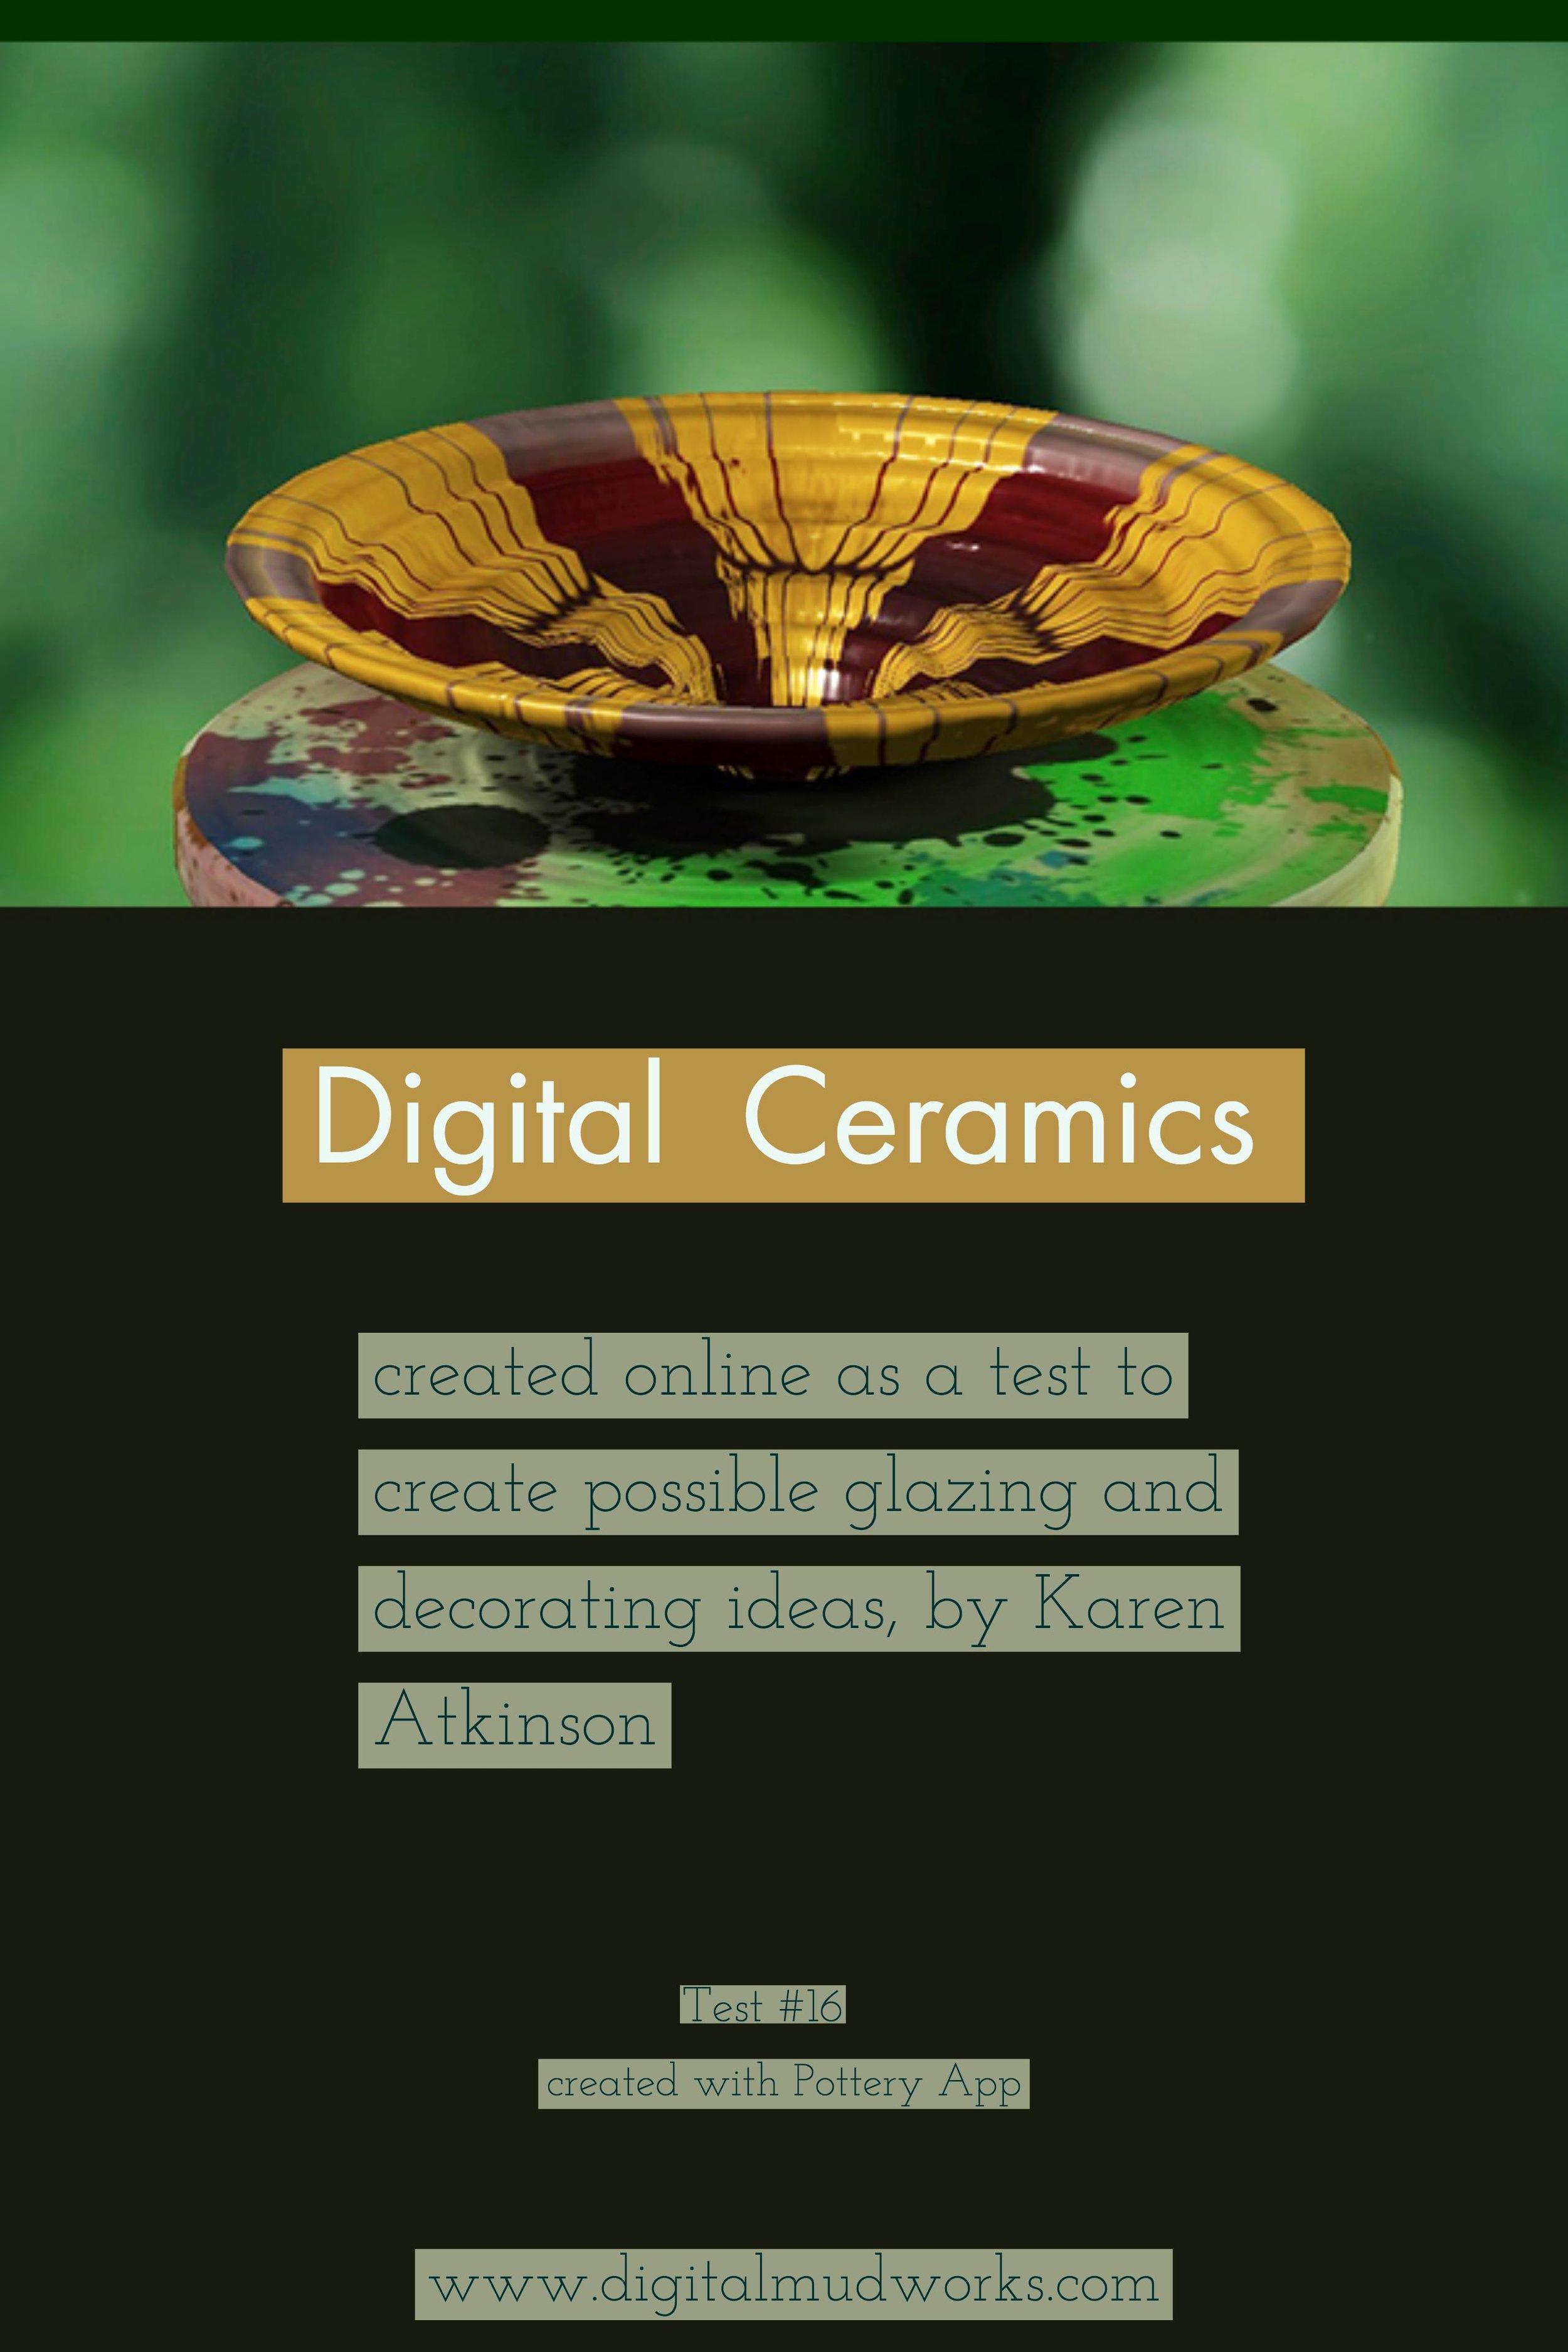 Digital Ceramics Test 016, using a computer app to do glaze and design tests. by Karen Atkinson